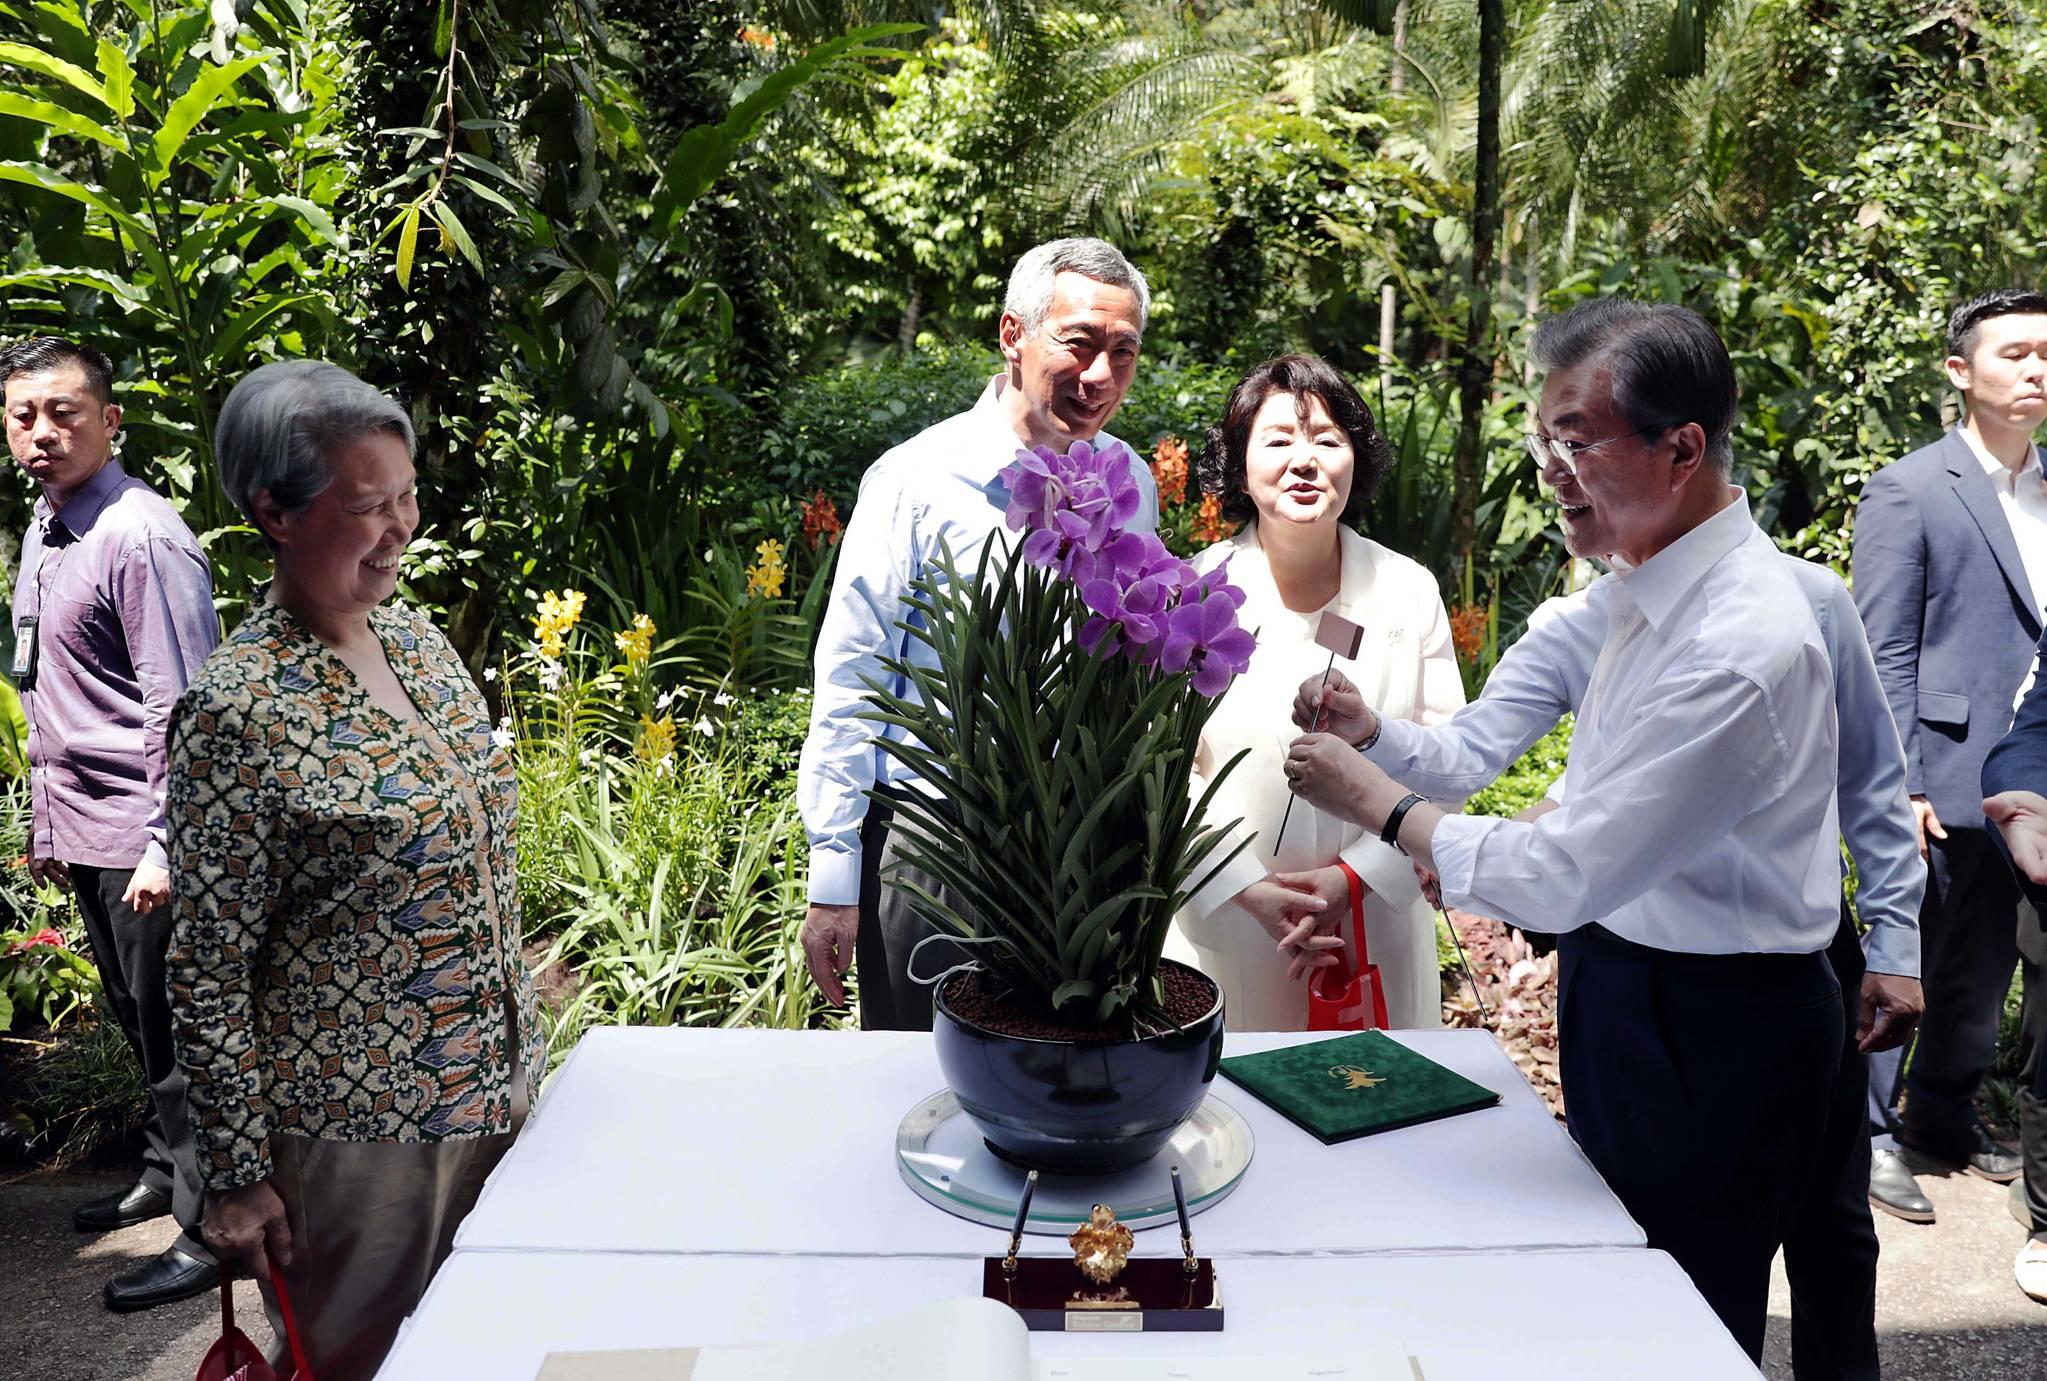 싱가포르를 국빈 방문 중인 문재인 대통령이 12일 오후(현지시간) 싱가포르 보타닉 가든에서 열린 '난초 명명식'에서 '문재인· 김정숙 난' 증명서를 받은 뒤 이름표를 꽂고 있다. 김상선 기자